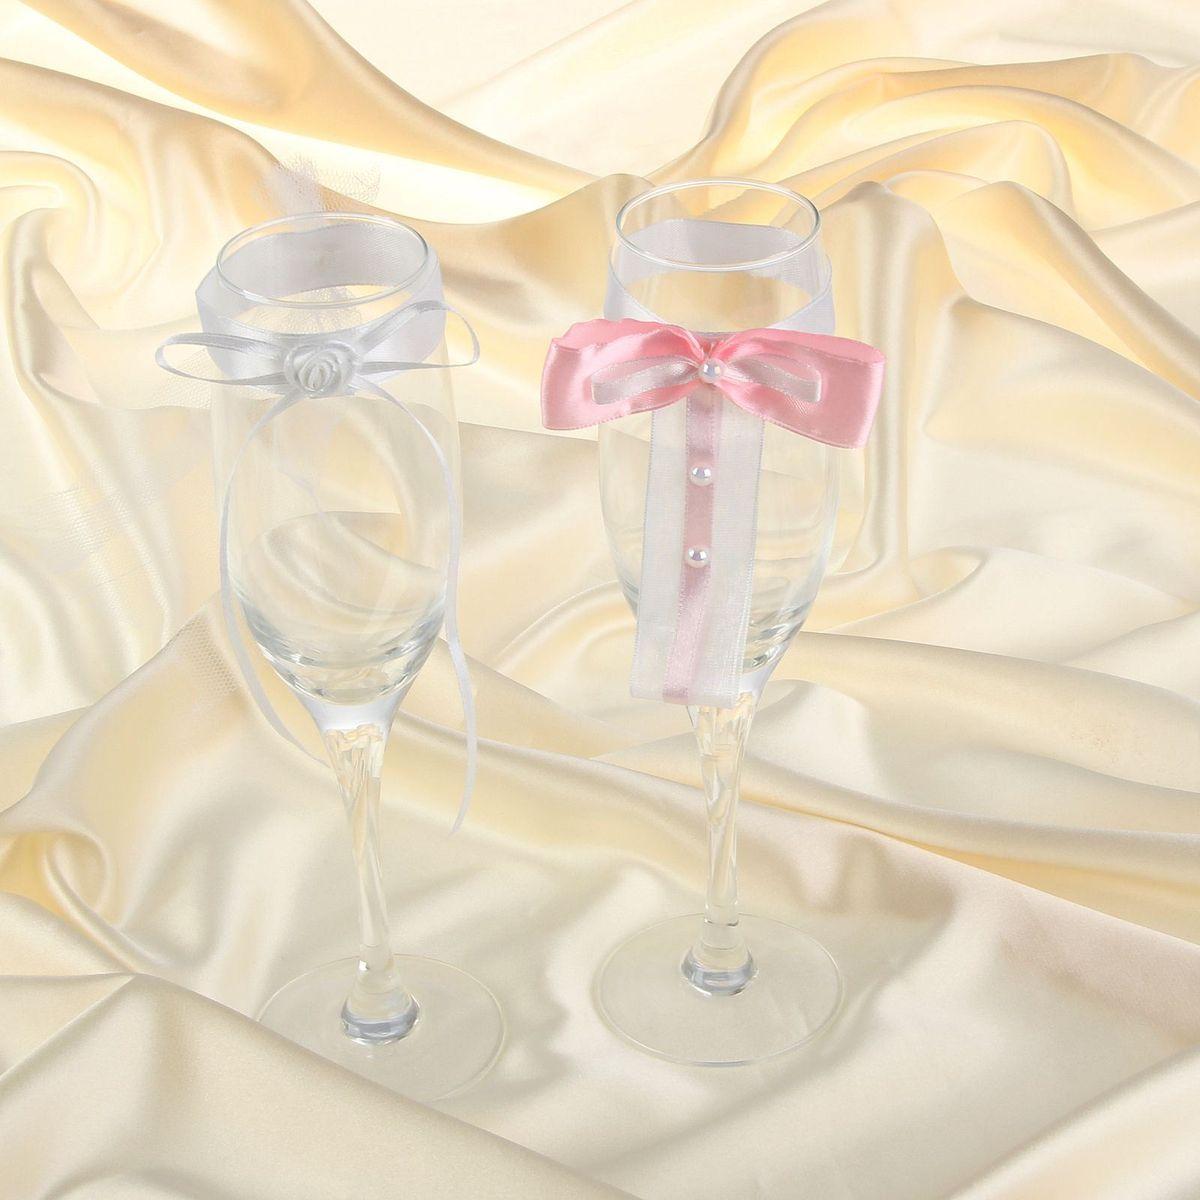 Комплект декора на бокалы Sima-land, цвет: белый, розовый. 833982833982Красиво оформленный свадебный стол — это эффектное, неординарное и очень значимое обрамление для проведения запланированного вами торжества. Украшение для бокалов, белое и розовое оформление, 2 шт — это красивое и оригинальное украшение зала, которое дополнит выбранный стиль мероприятия и передаст праздничное настроение вам и вашим гостям.